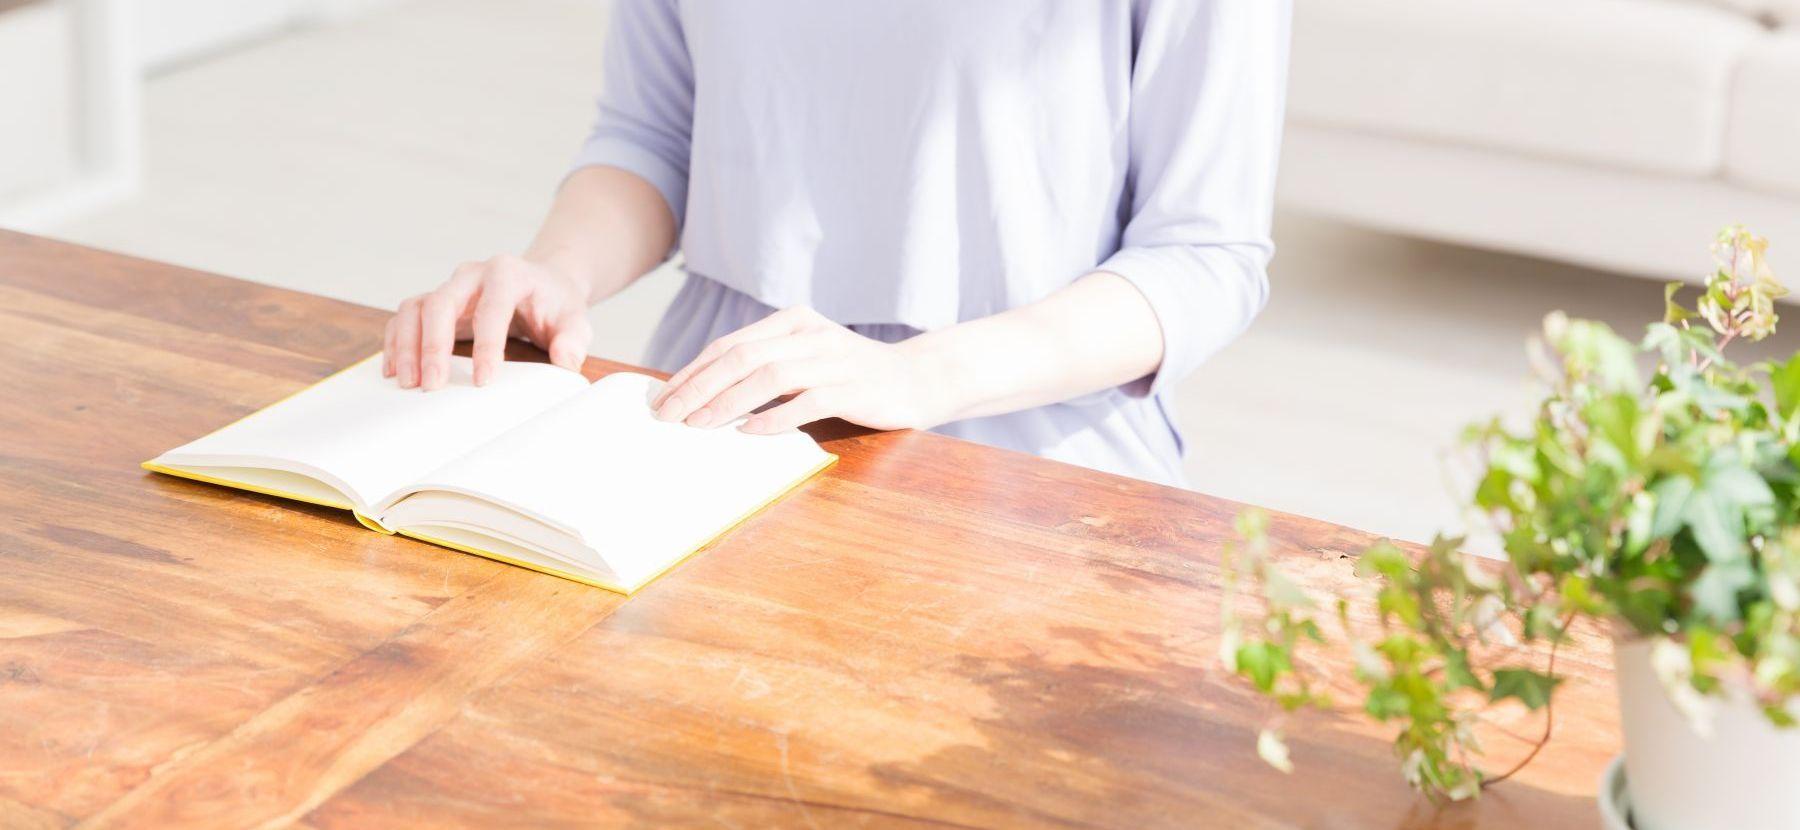 日本人越來越不愛讀書 年輕人還有未來嗎?